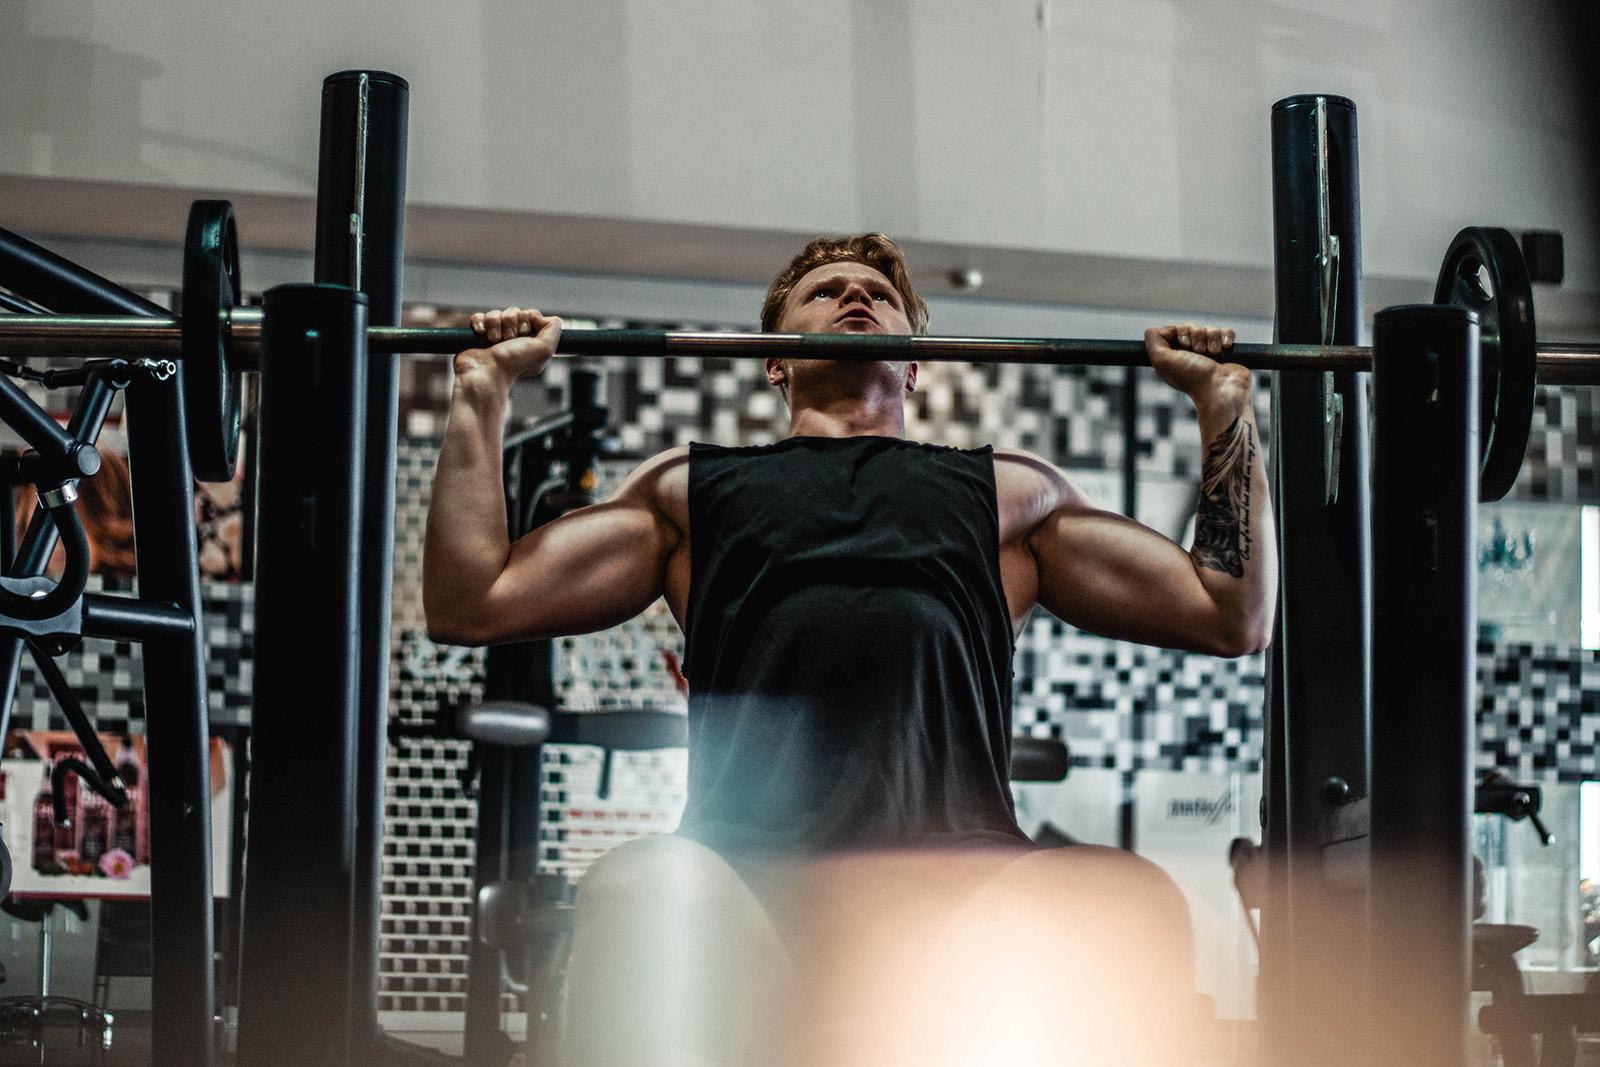 Så lite behöver du träna för att bli starkare